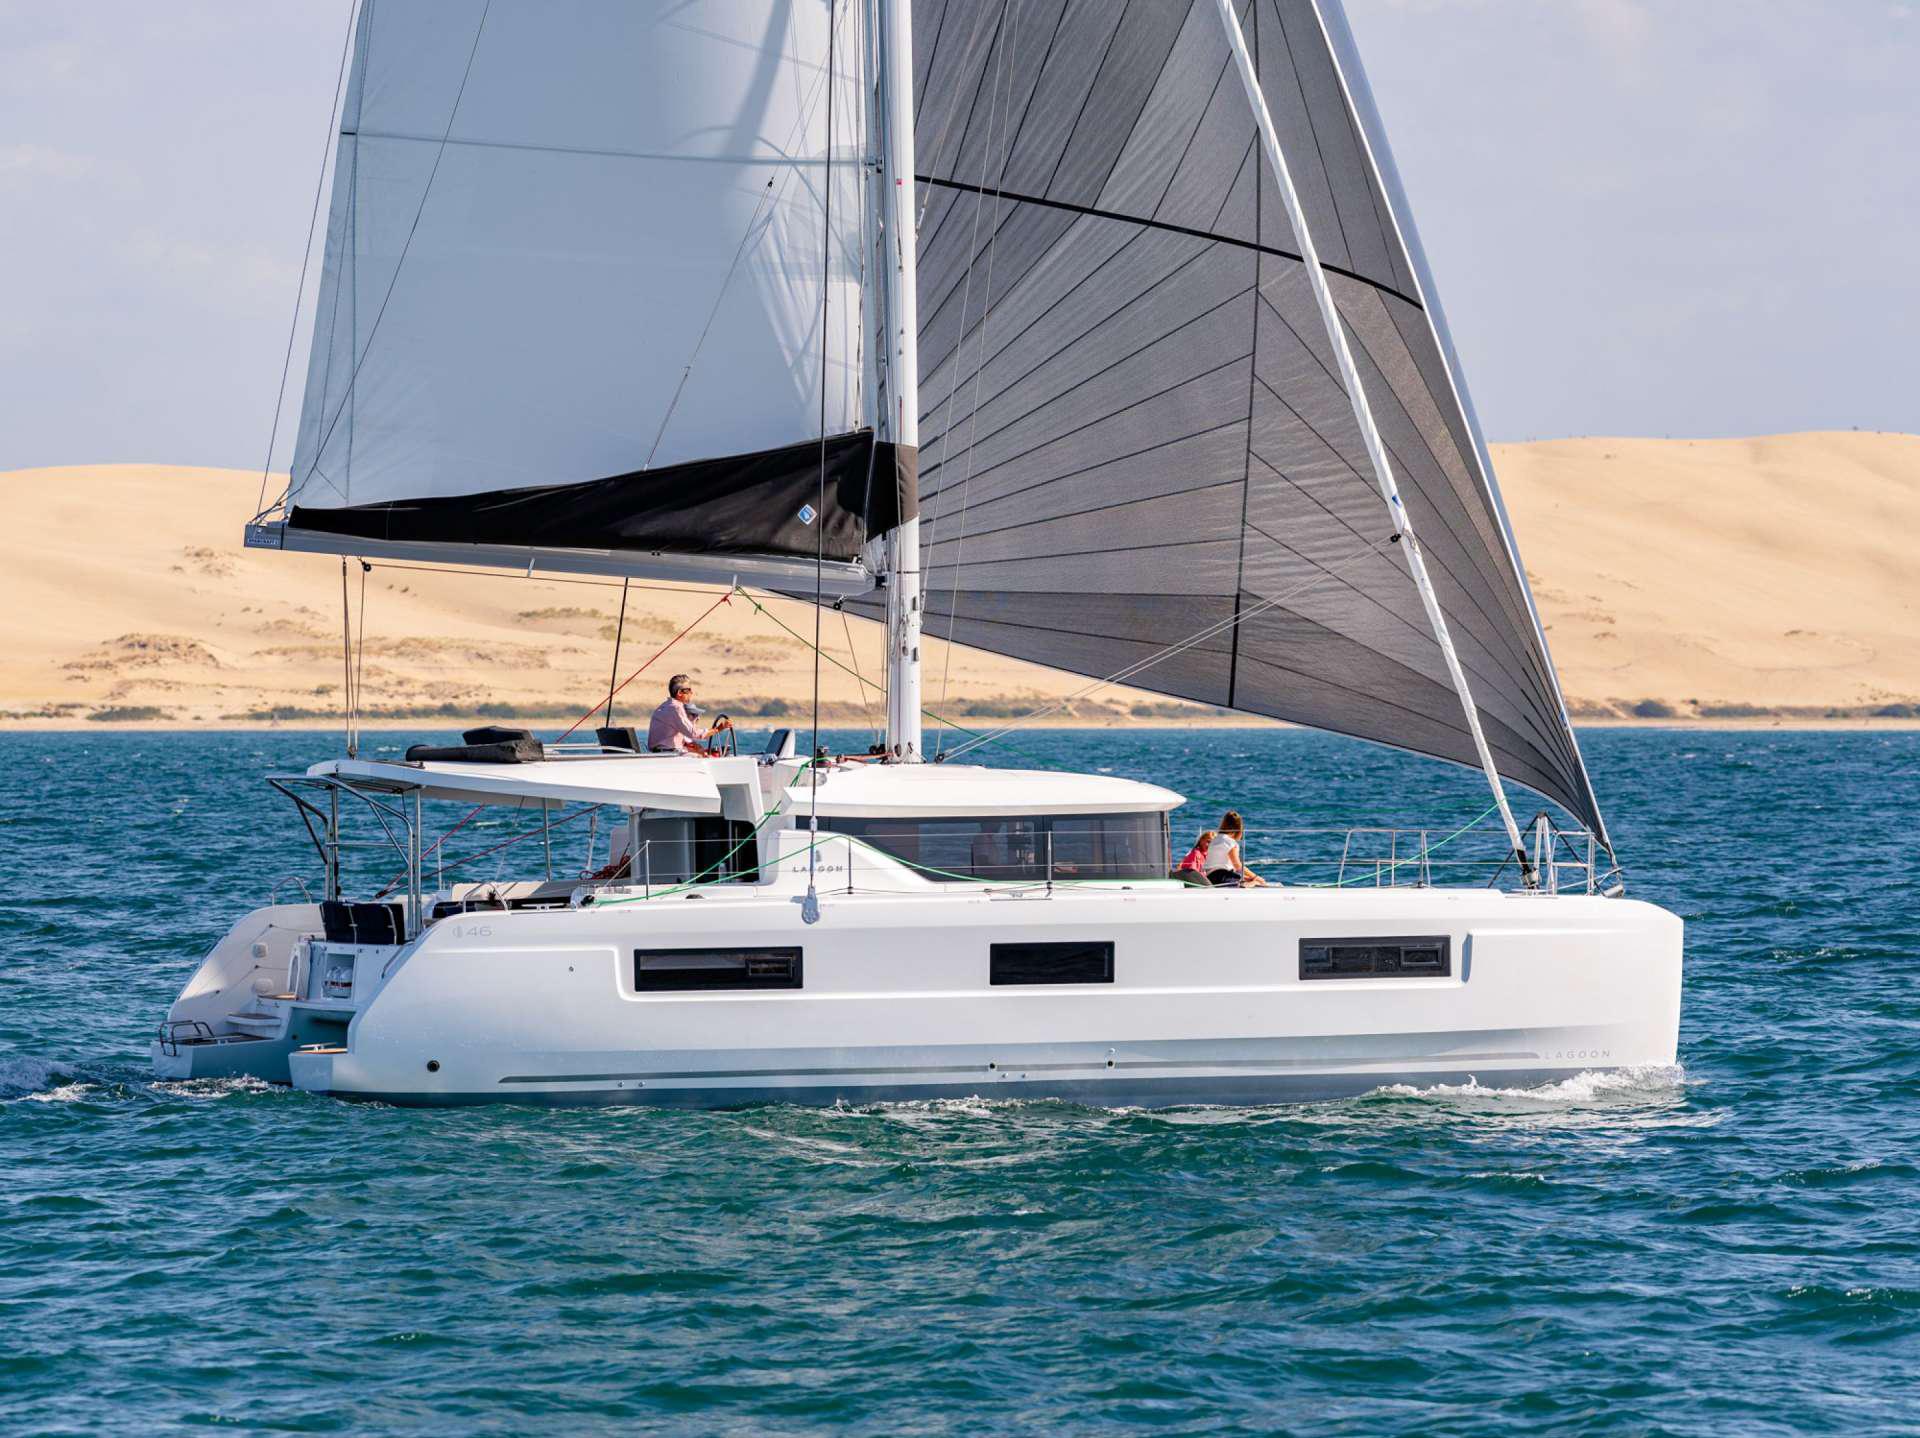 S/Y Lagoon 460, Luxury Crewed Catamaran